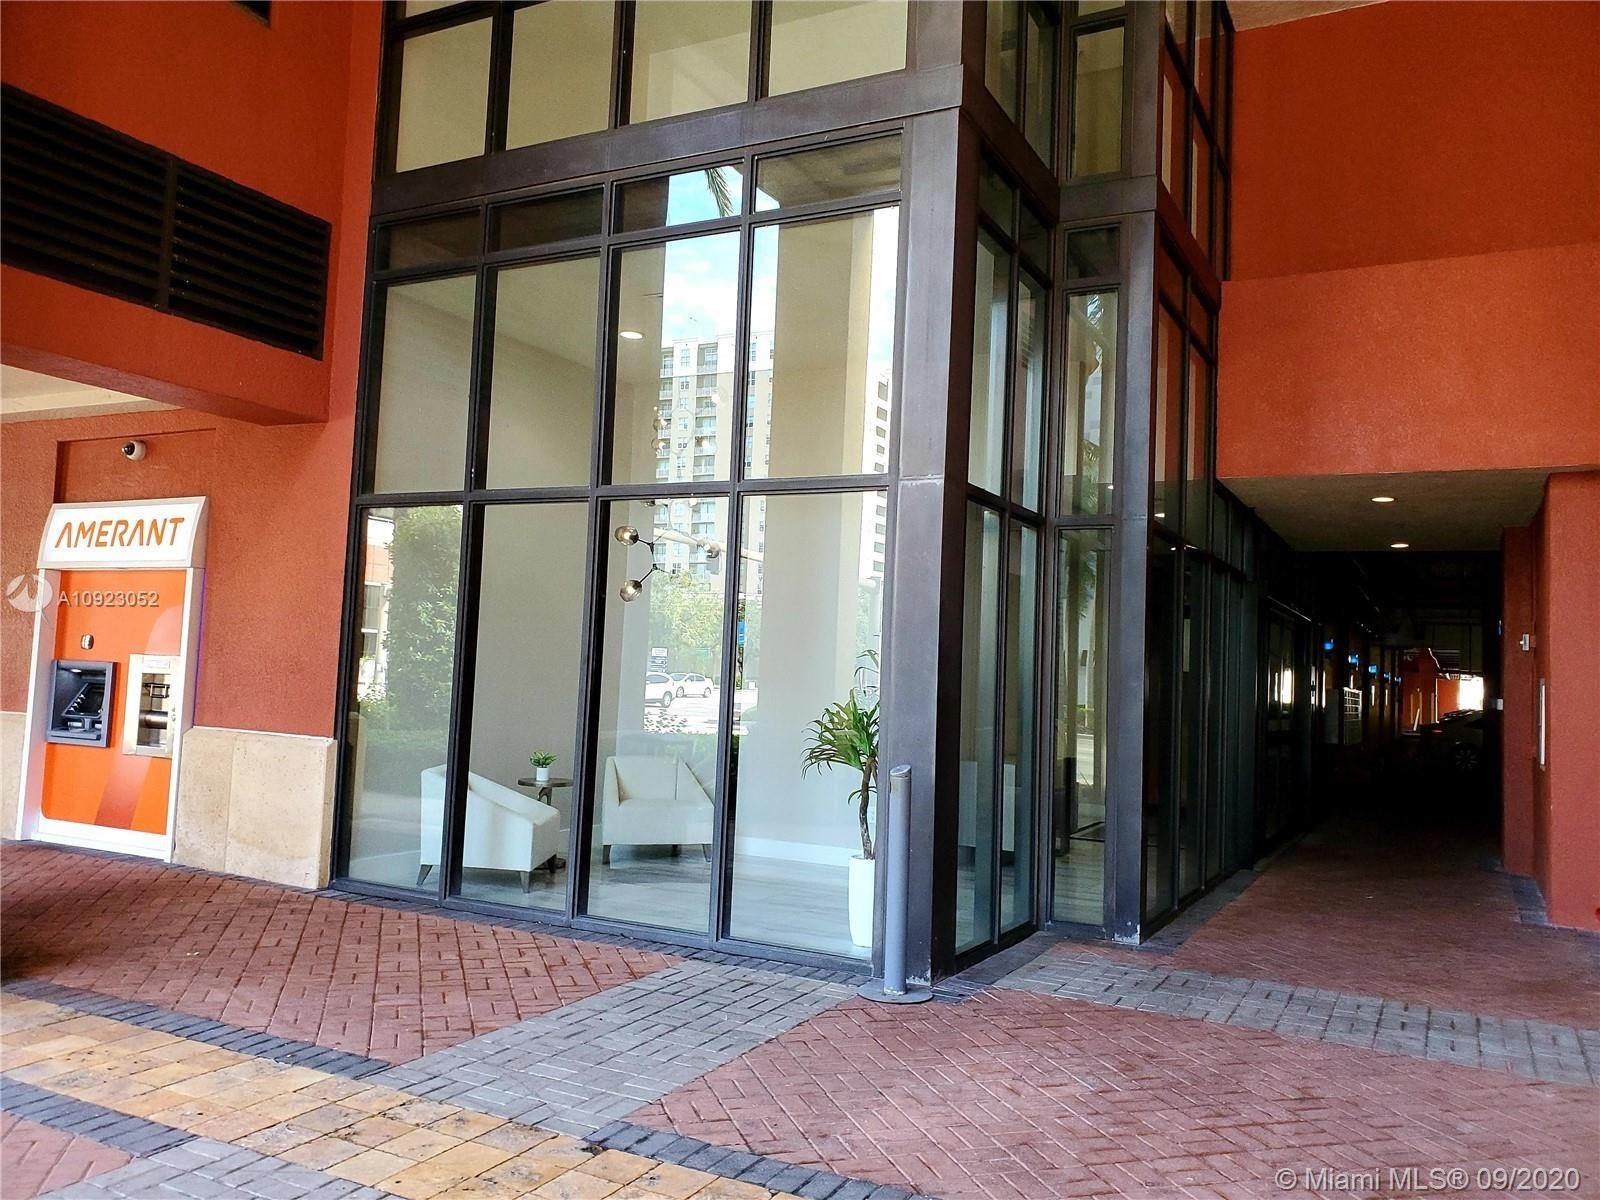 Photo of 100 N Federal Hwy #930, Fort Lauderdale, FL 33301 (MLS # A10923052)